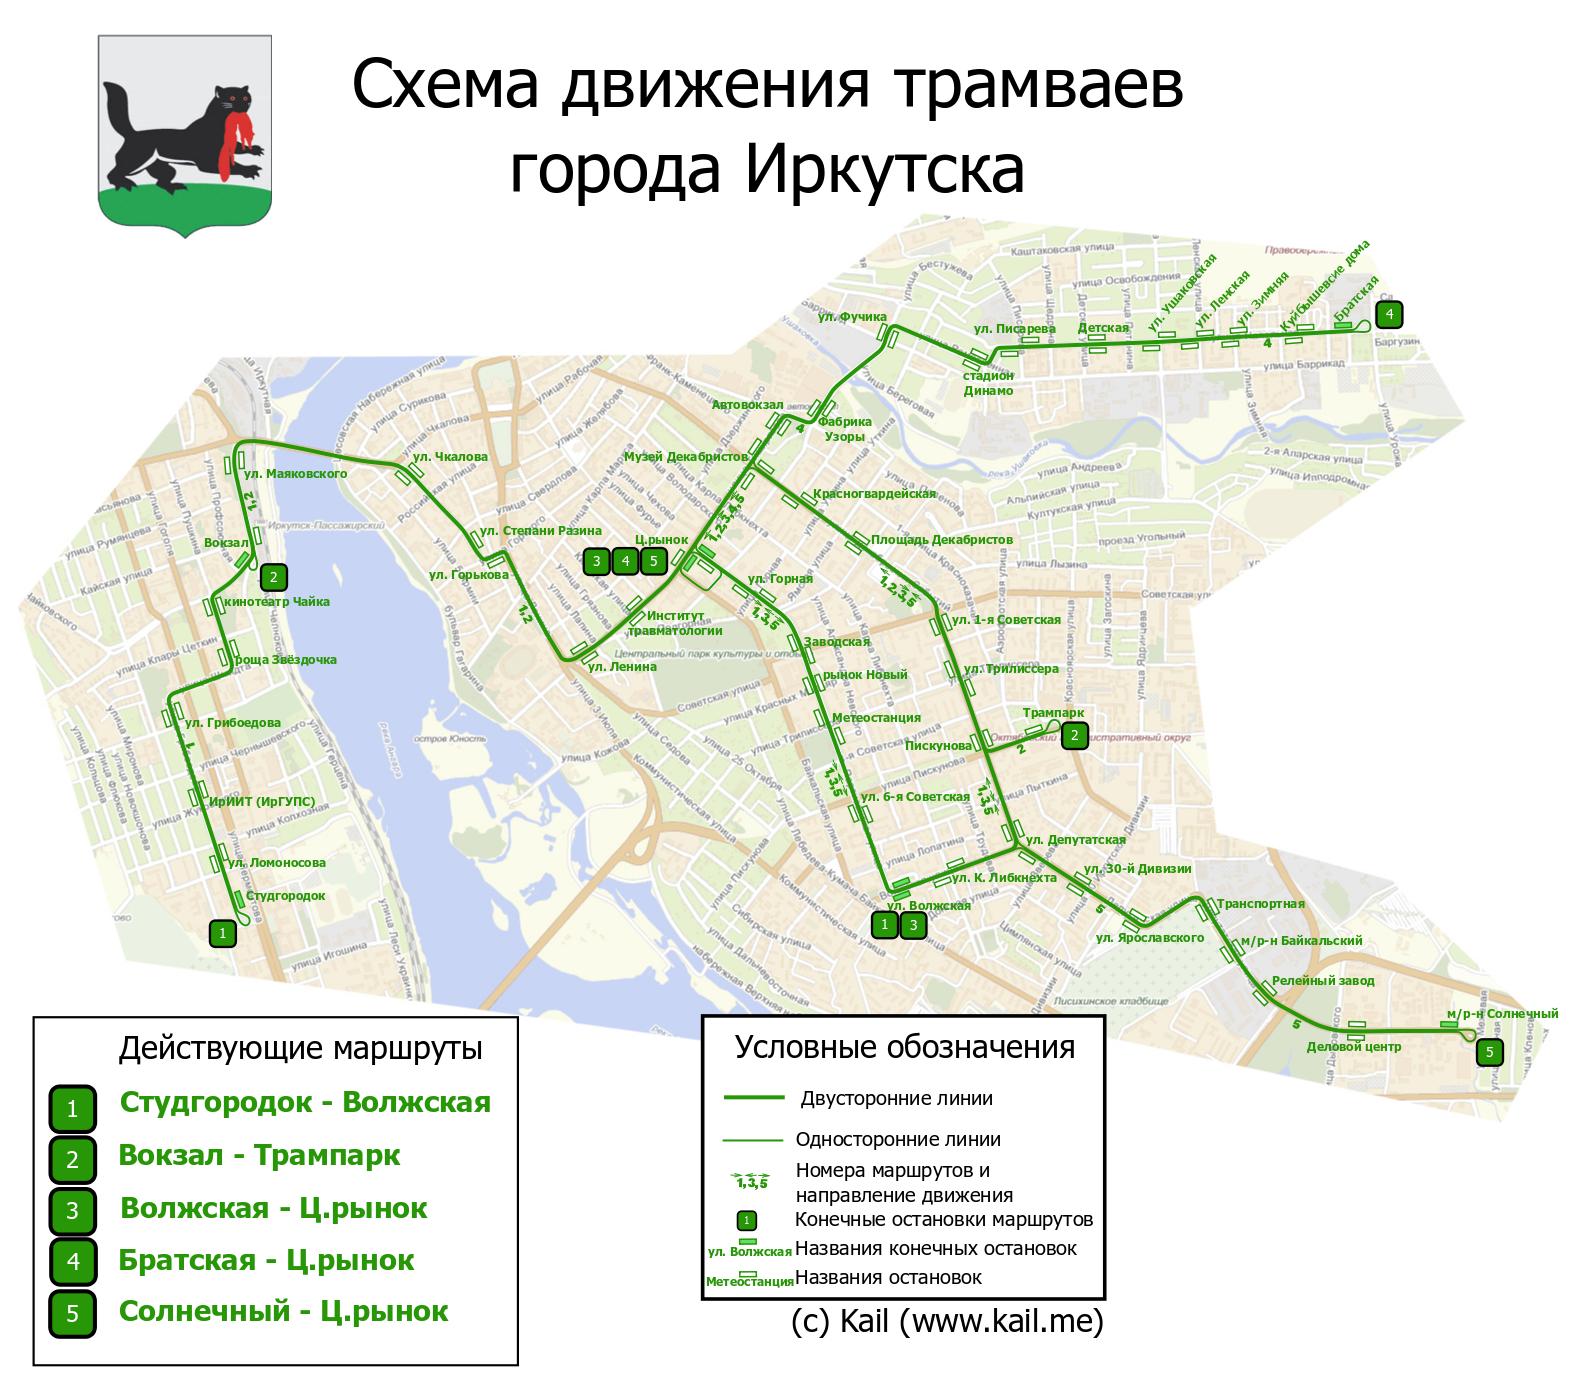 схема 14 трамвая